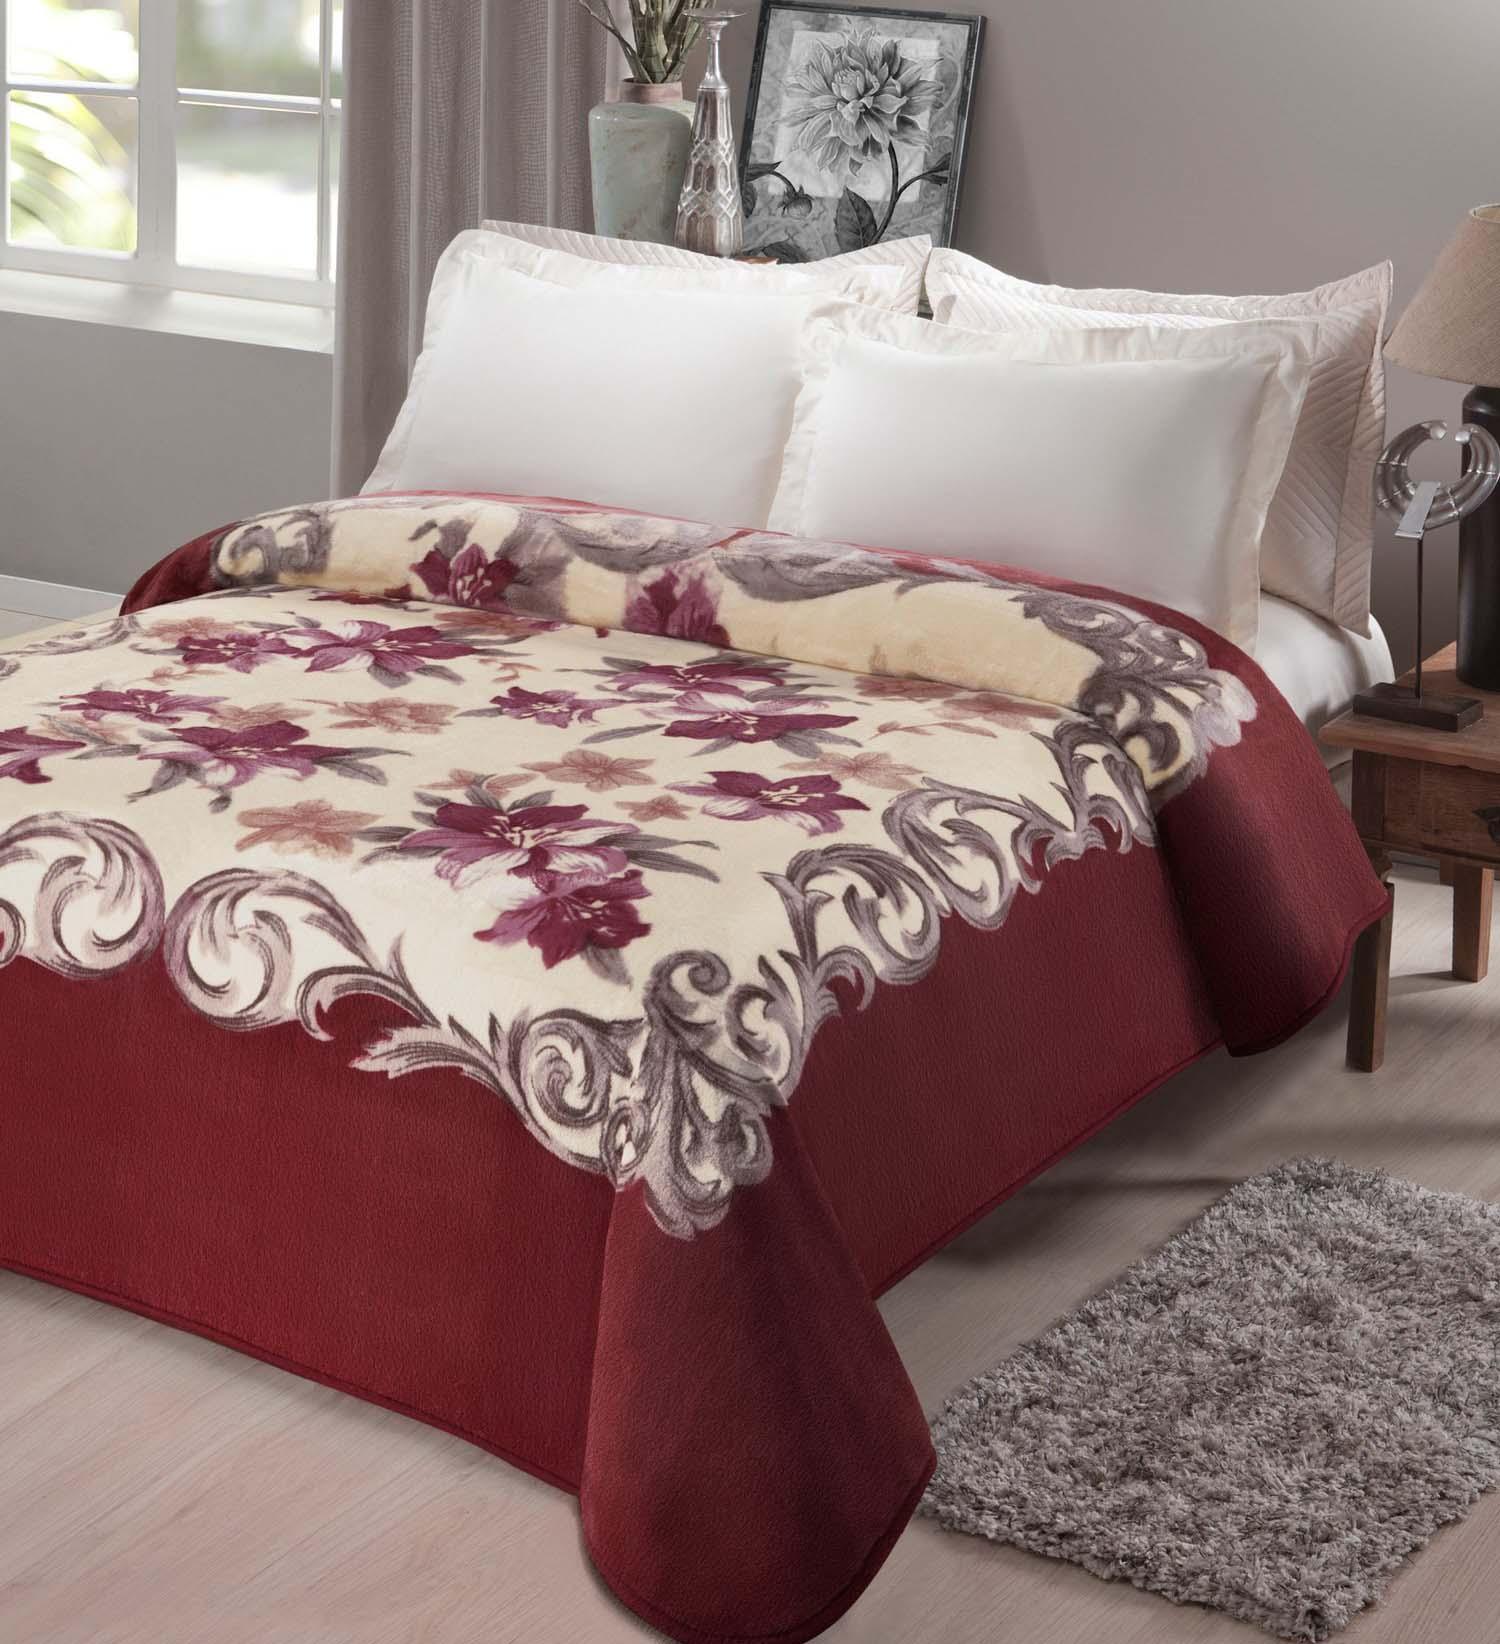 Cobertor Casal Kyor Plus Chamonix 1 Peça Microfibra Jolitex